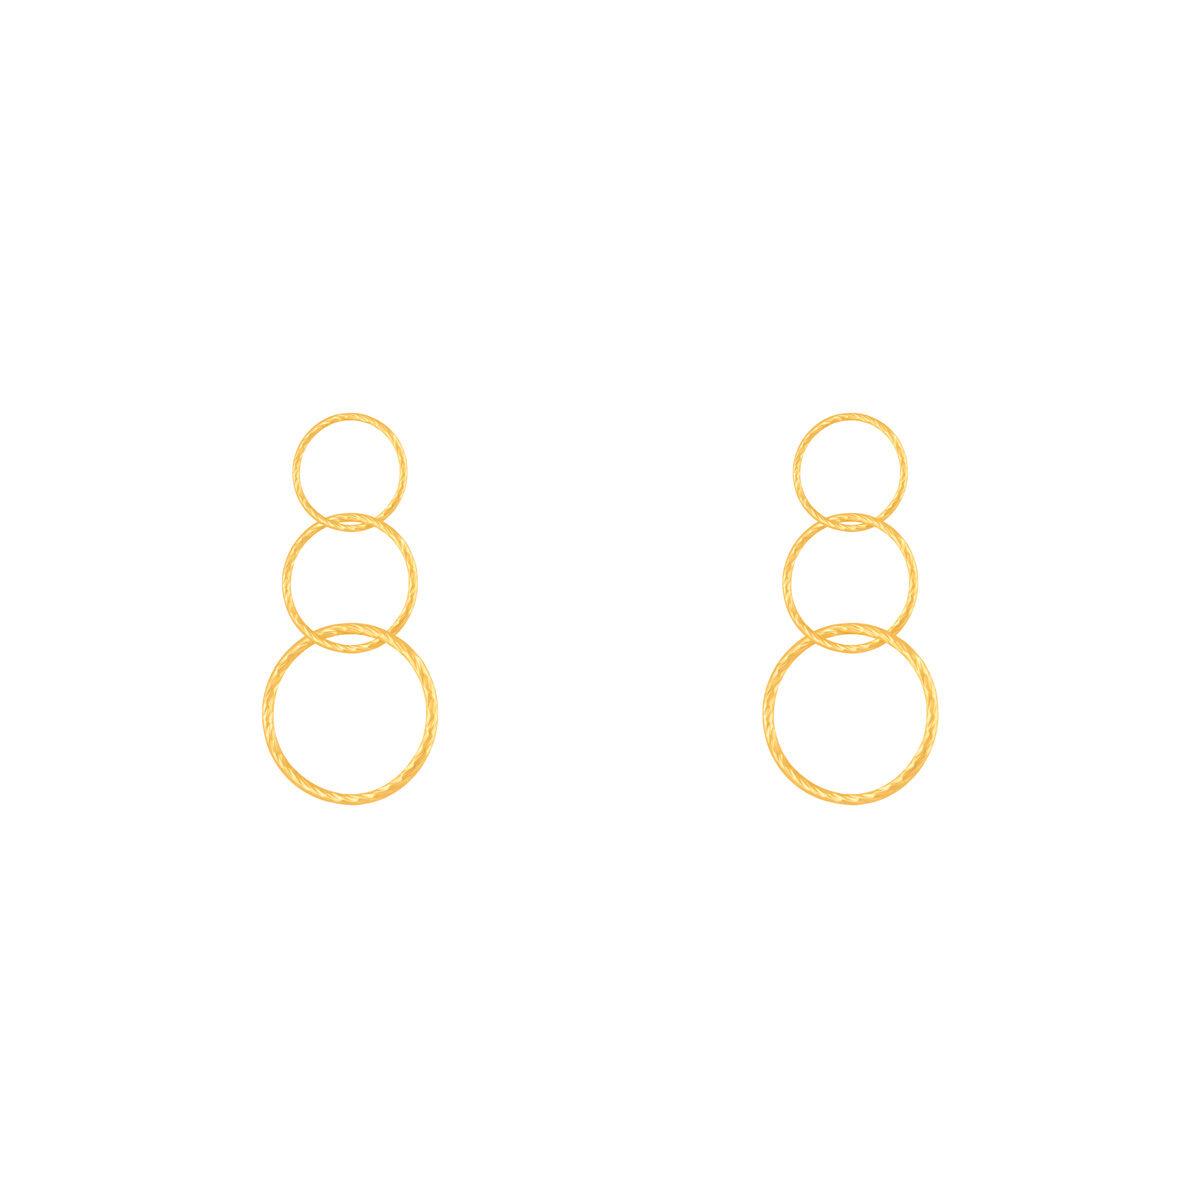 گوشواره طلا سه حلقه پیچ